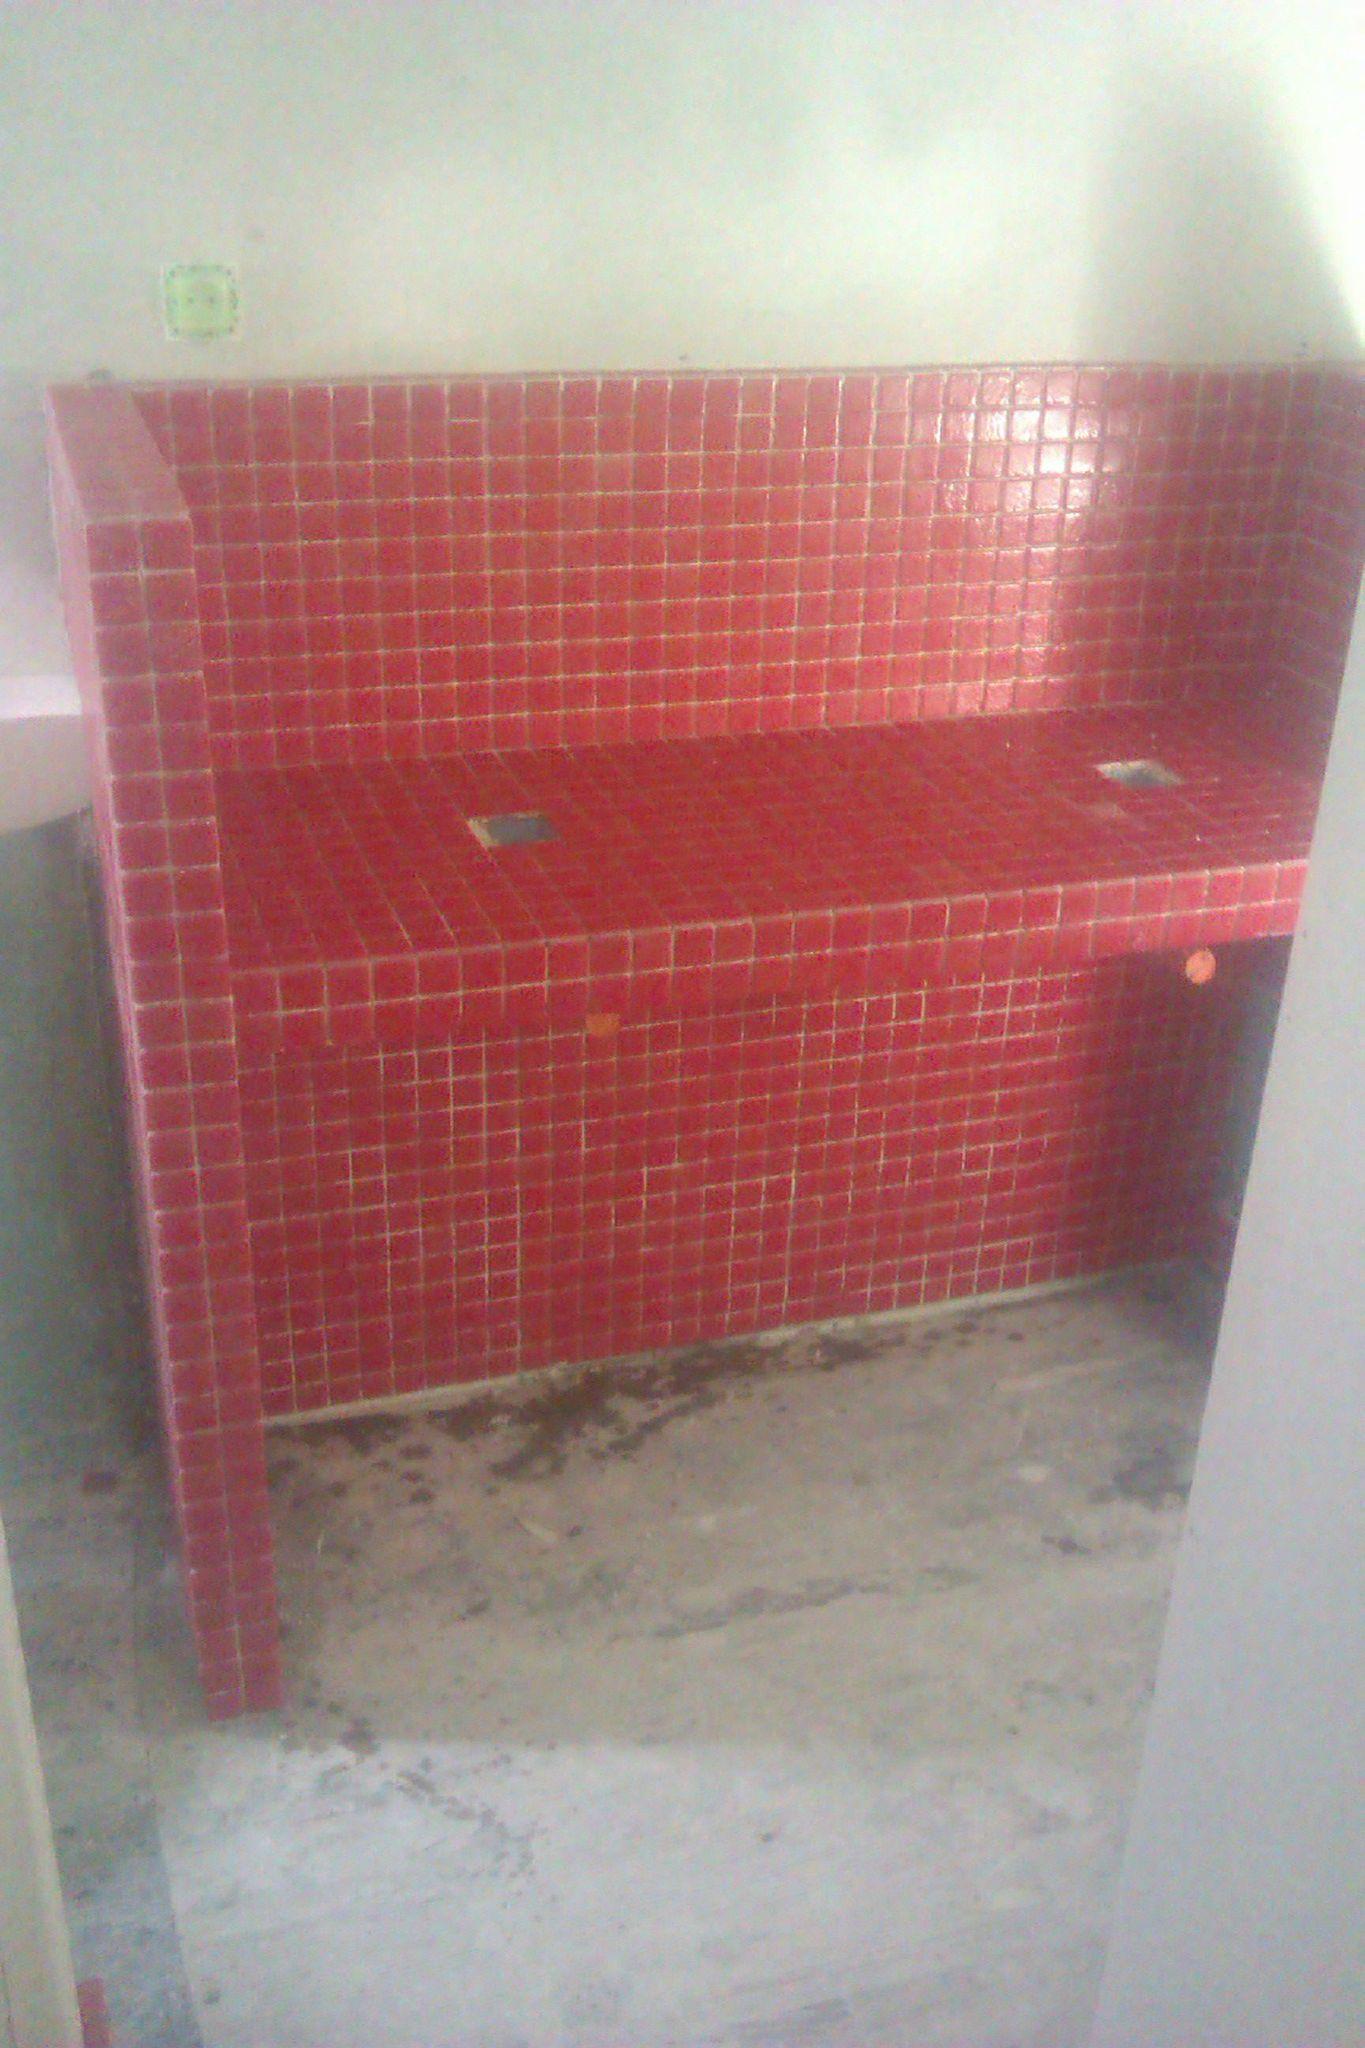 vasque rouge elegant meuble de salle de bains plus de rouge remix leroy merlin with vasque. Black Bedroom Furniture Sets. Home Design Ideas